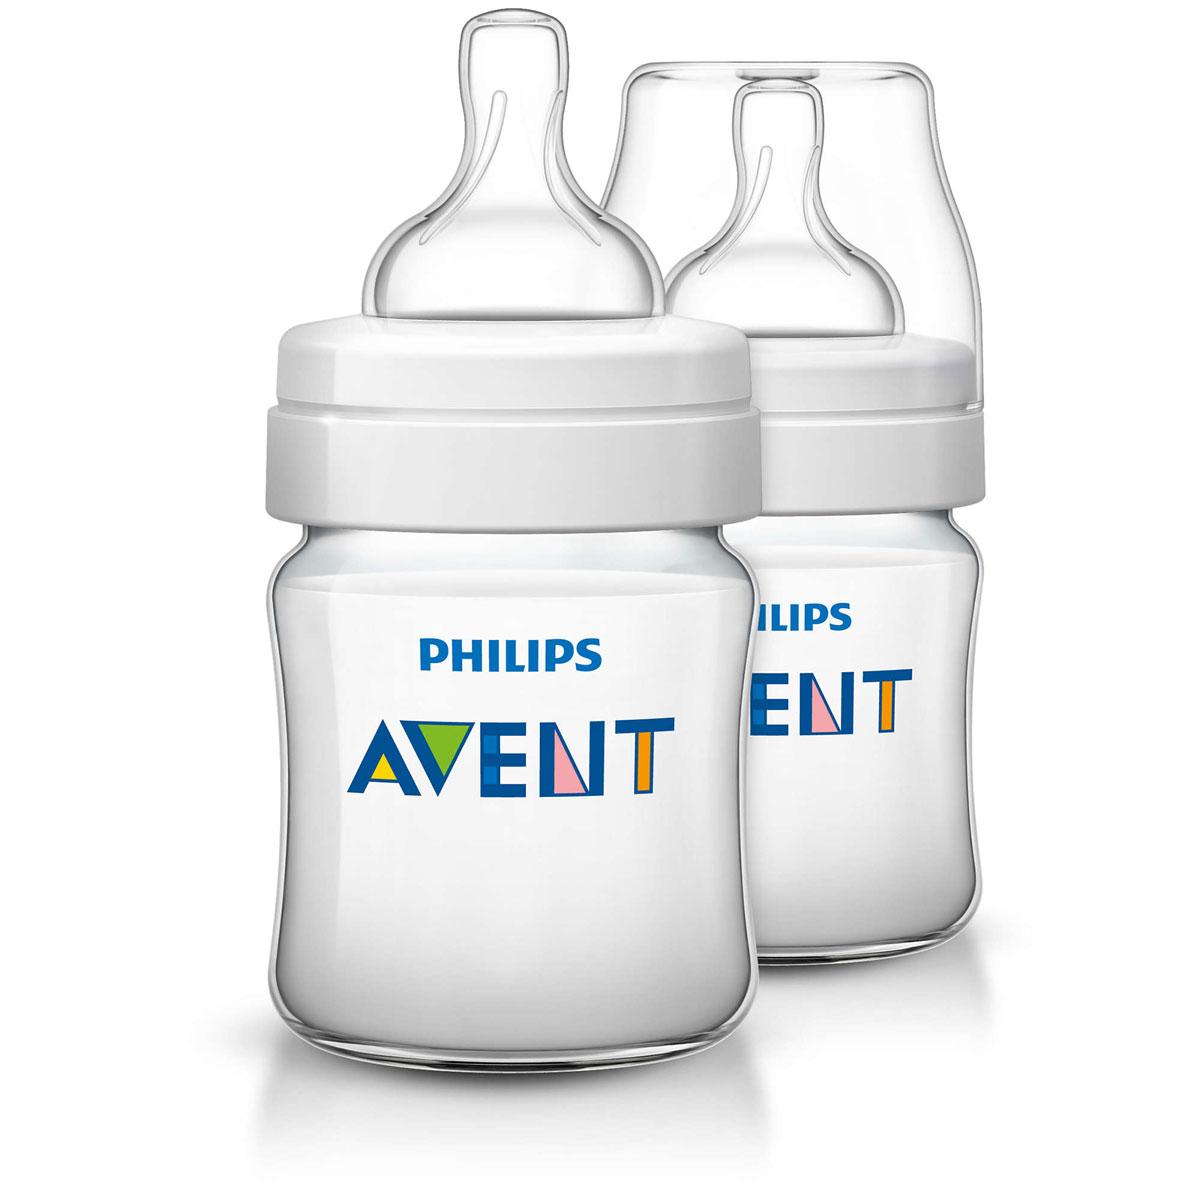 Philips Avent Бутылочка 125 мл, 2 шт. Соска с потоком для новорожденного SCF560/27